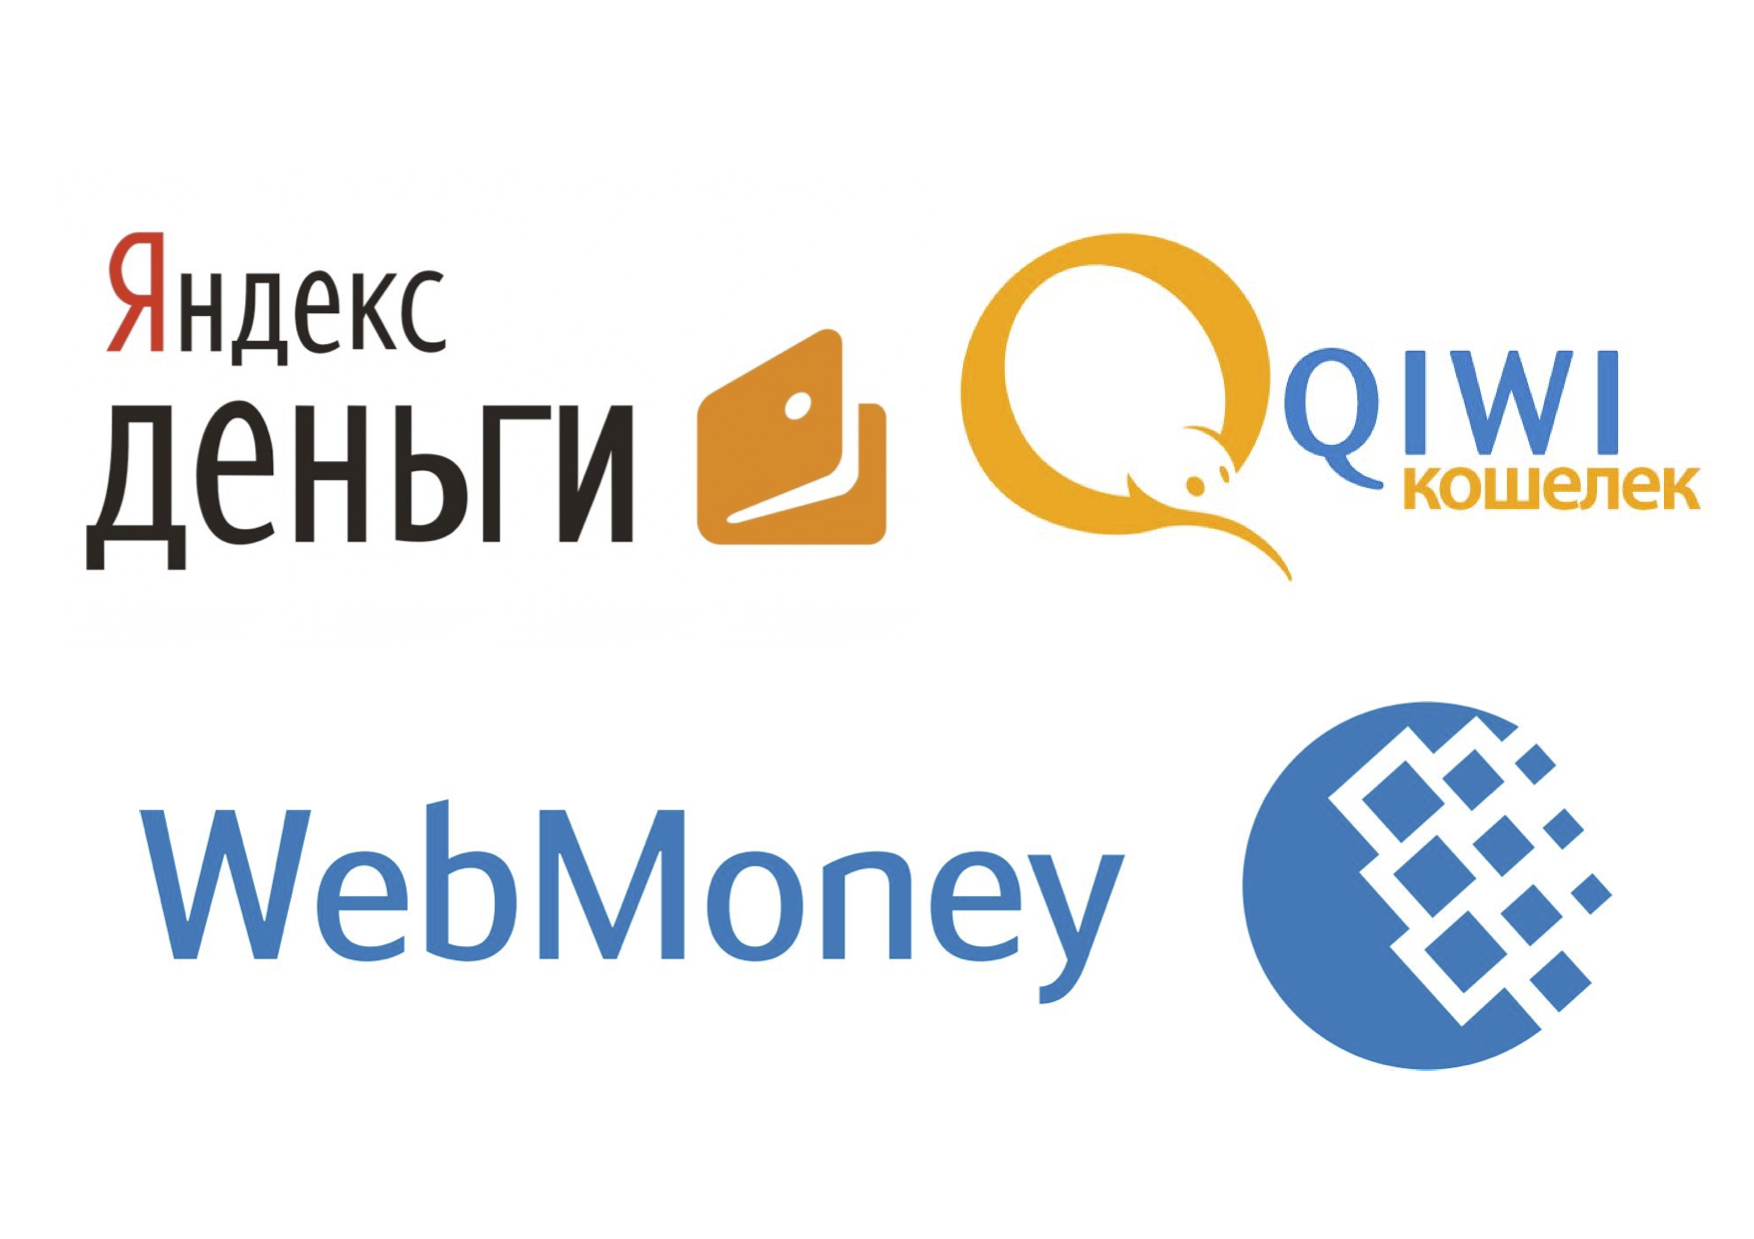 Самая известная платежная система webmoney